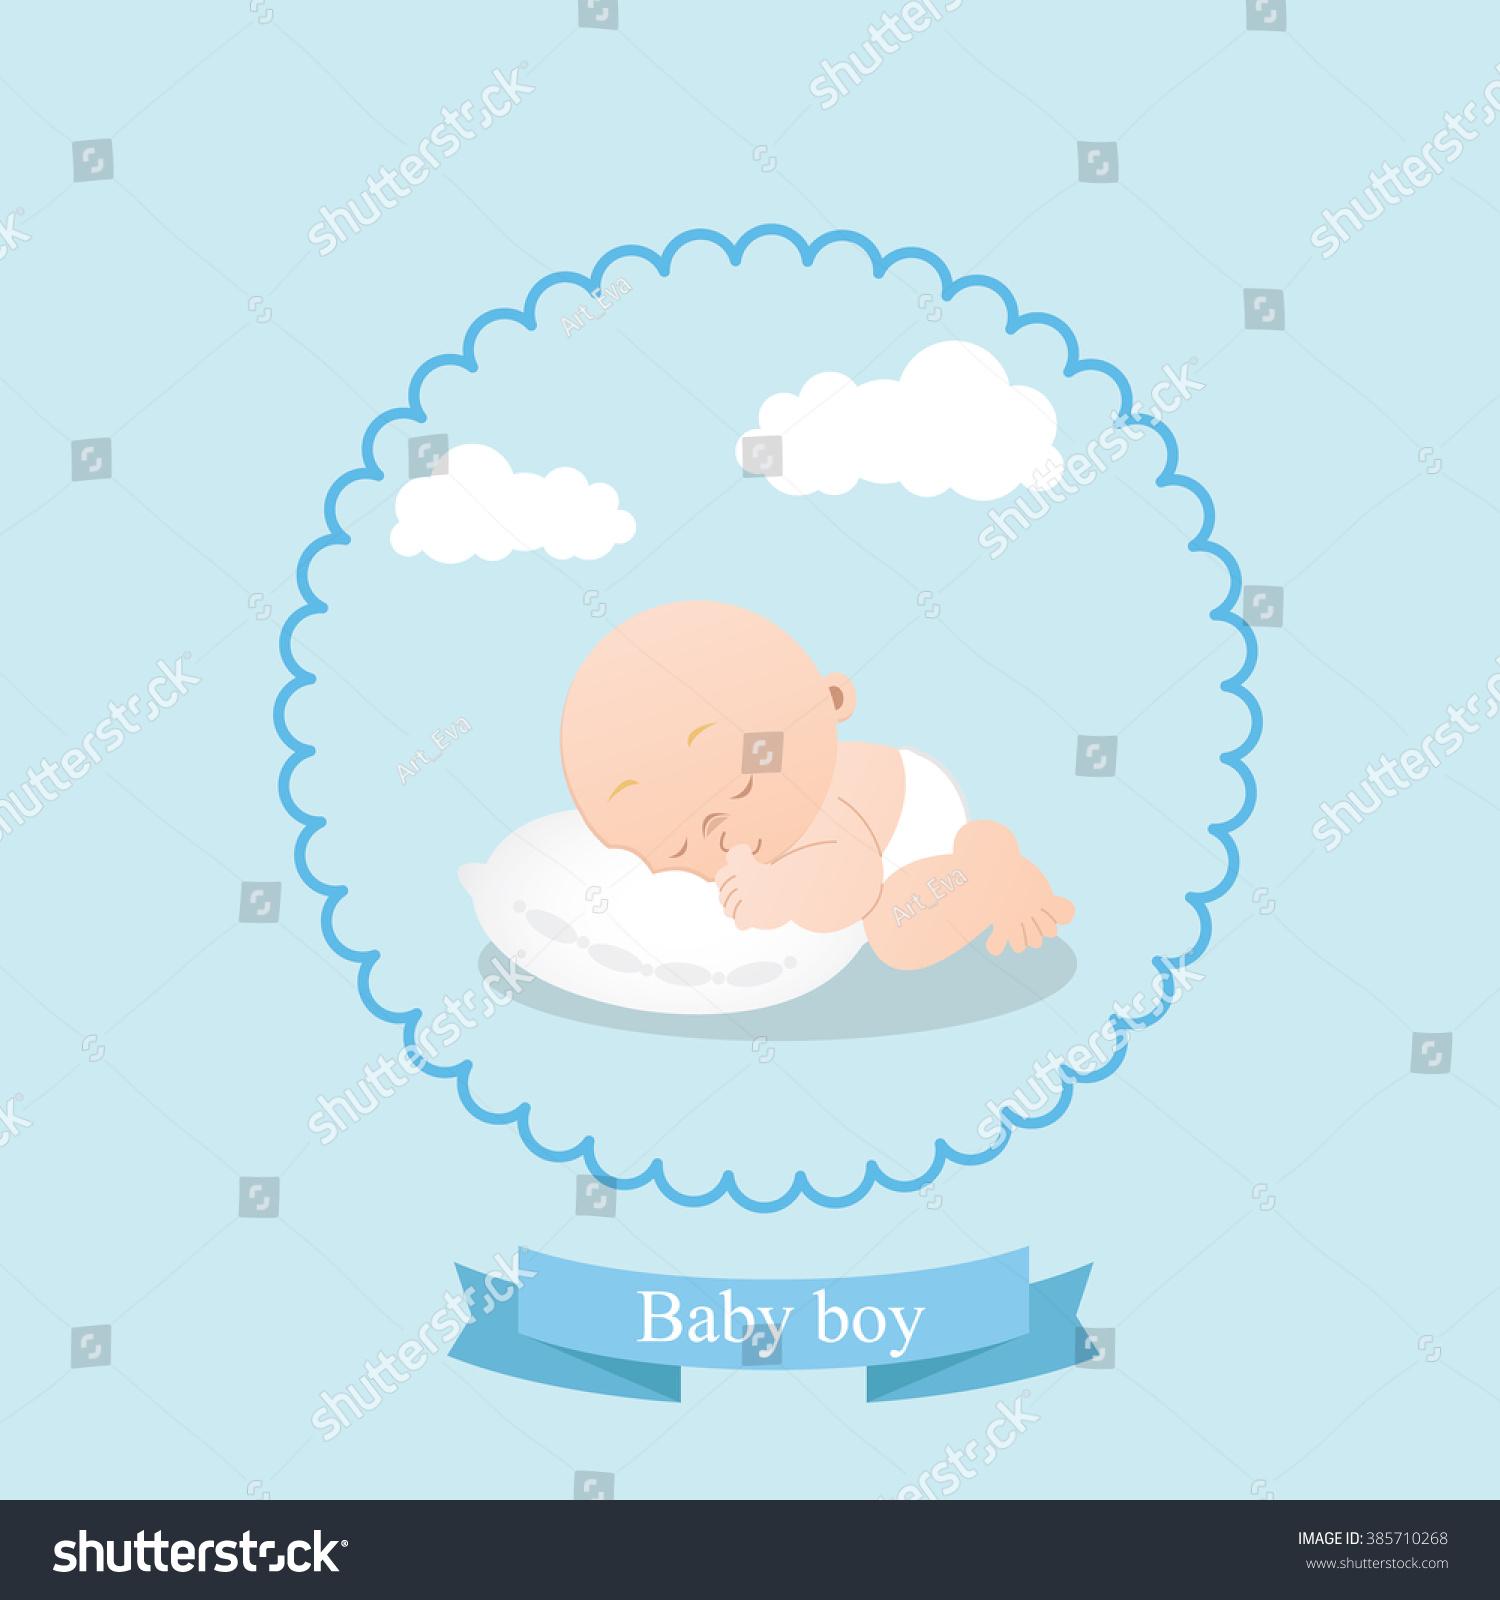 baby boy background design - photo #28